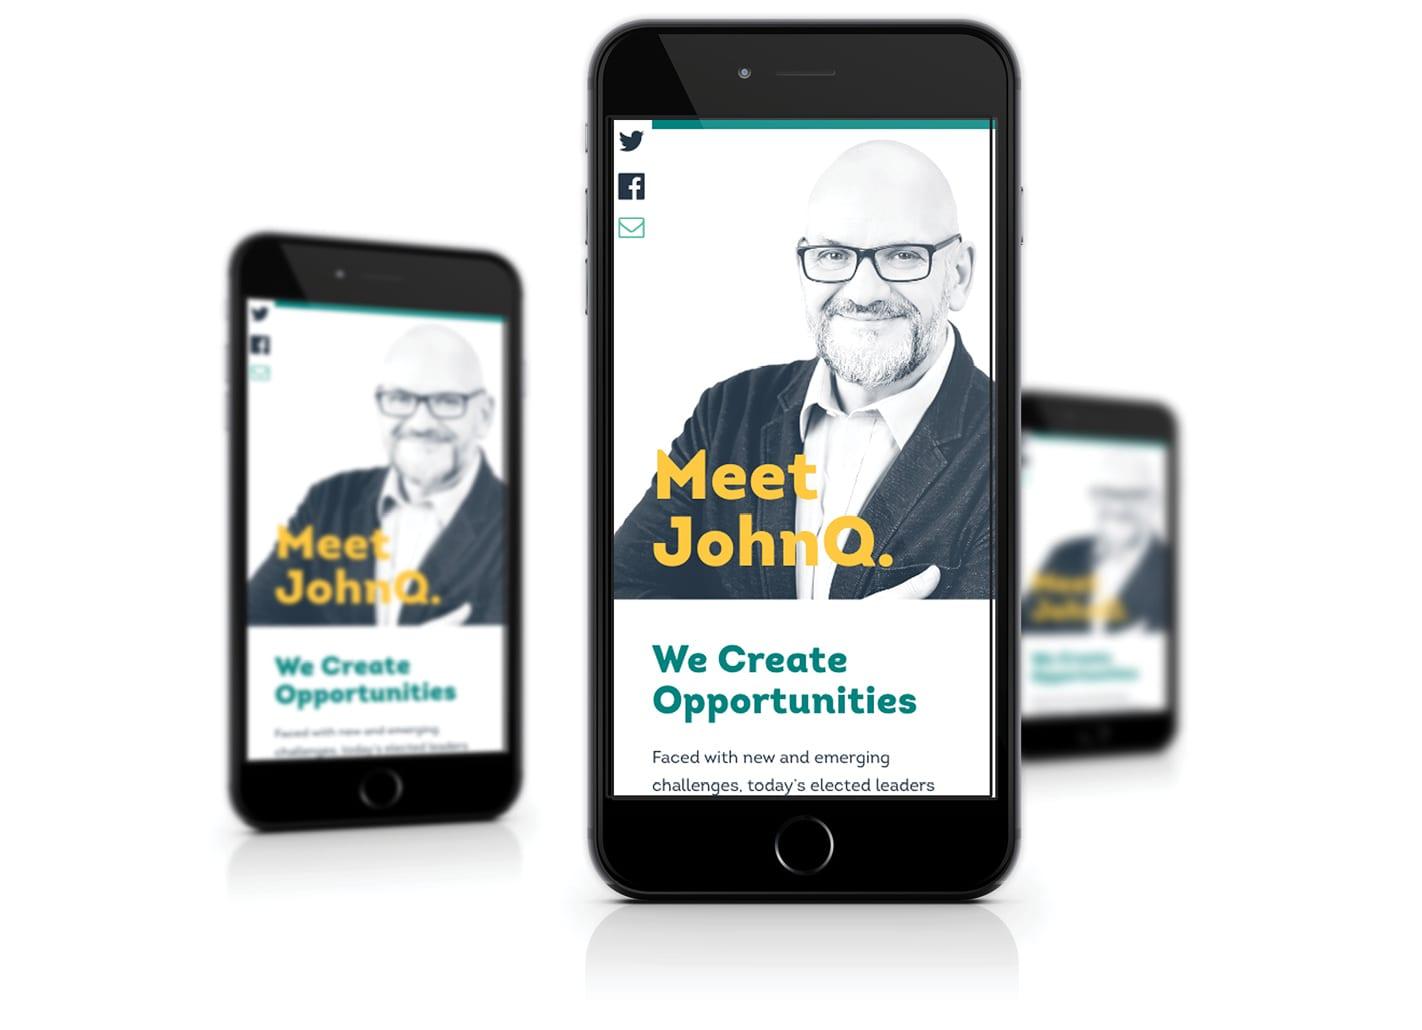 johnq_mobile